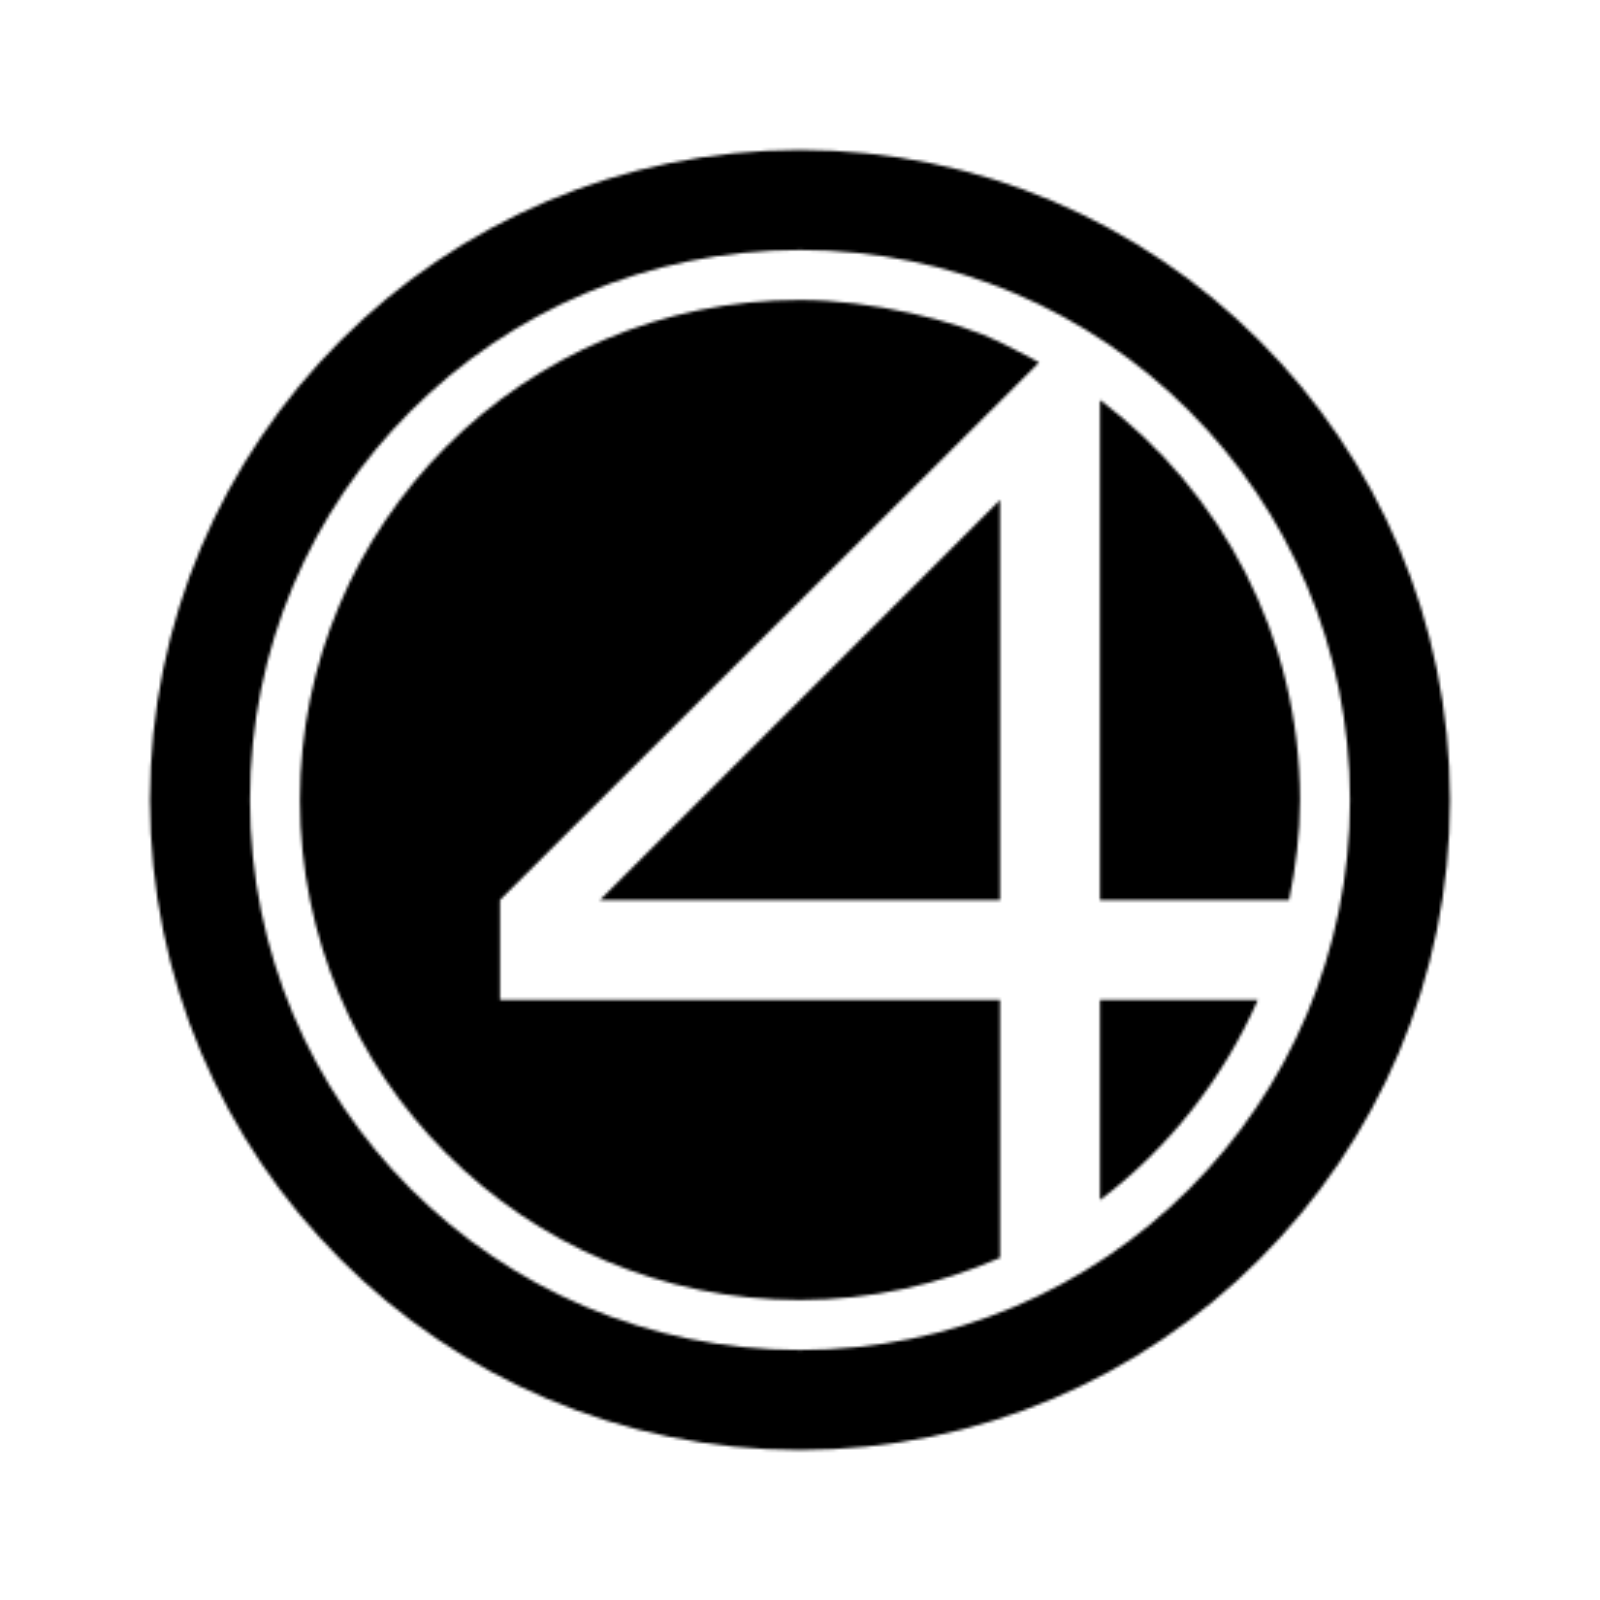 ファンタスティック・フォー icon